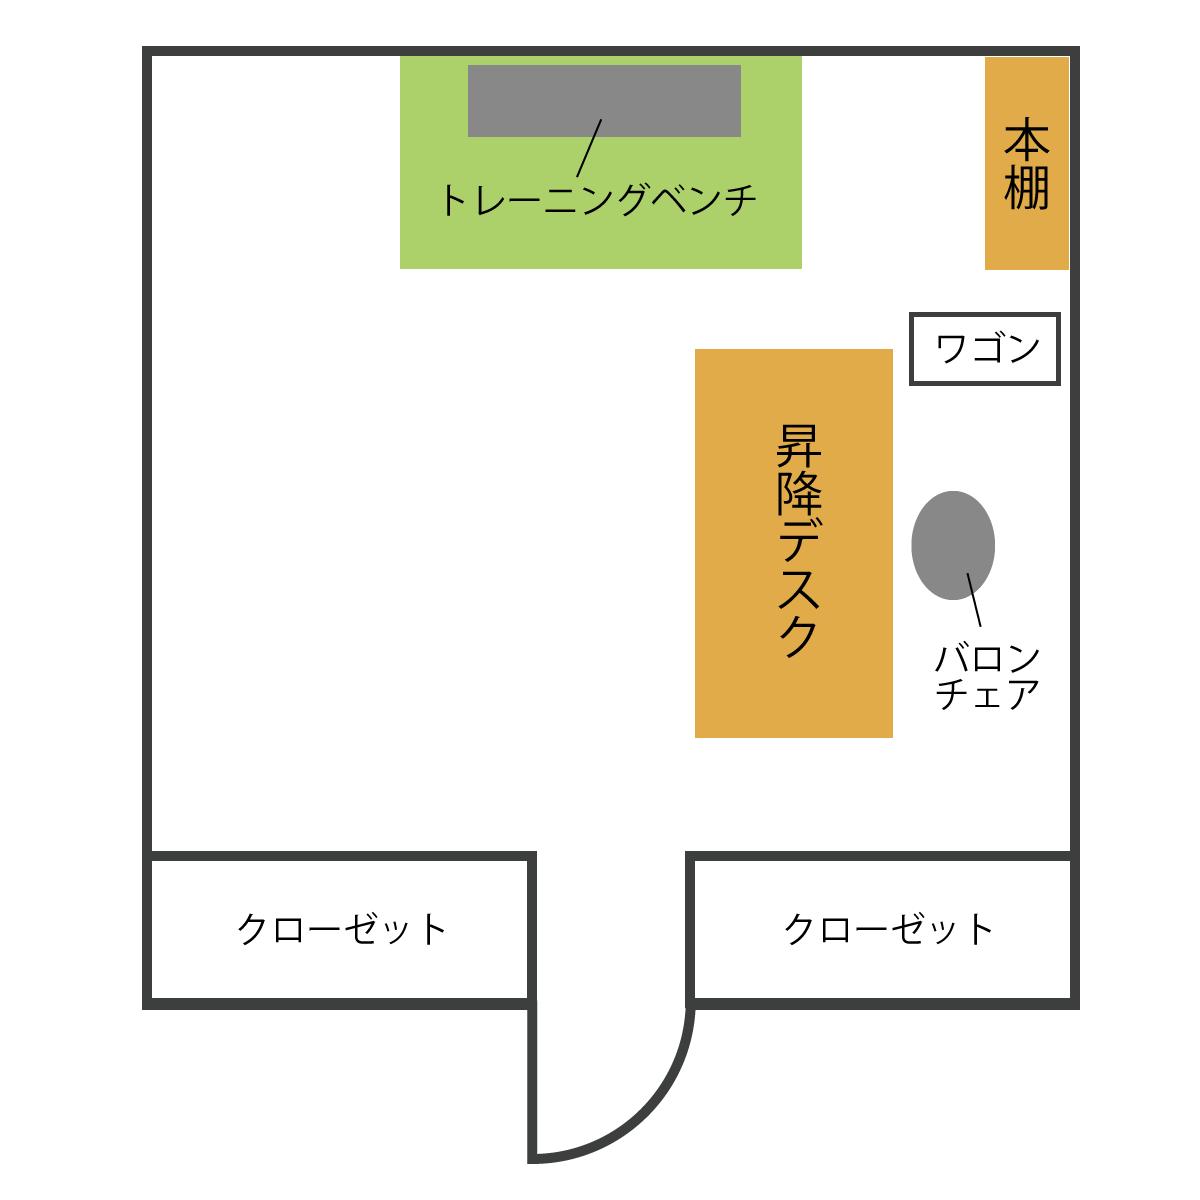 f:id:kondoyuko:20210725171944p:plain